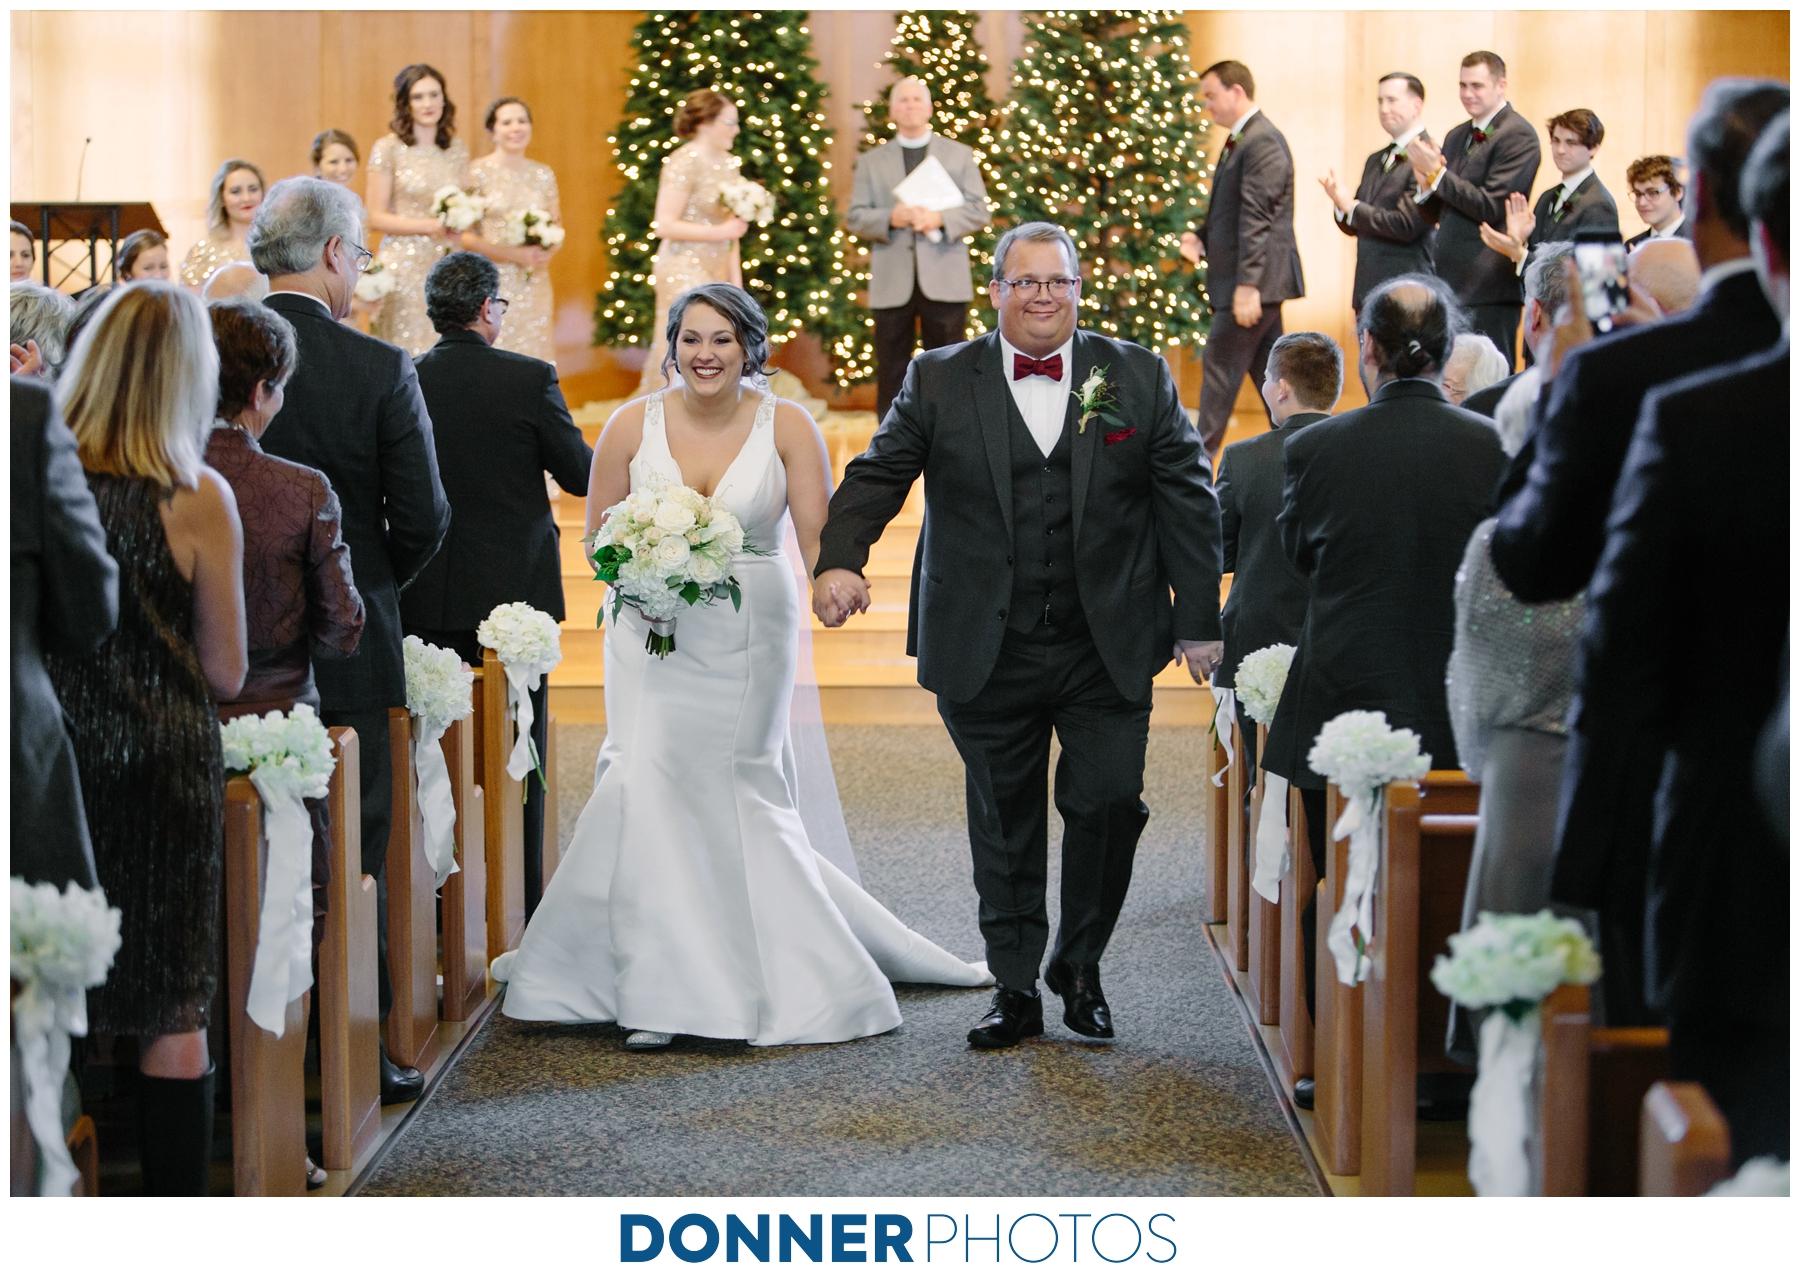 Brynn crotty wedding